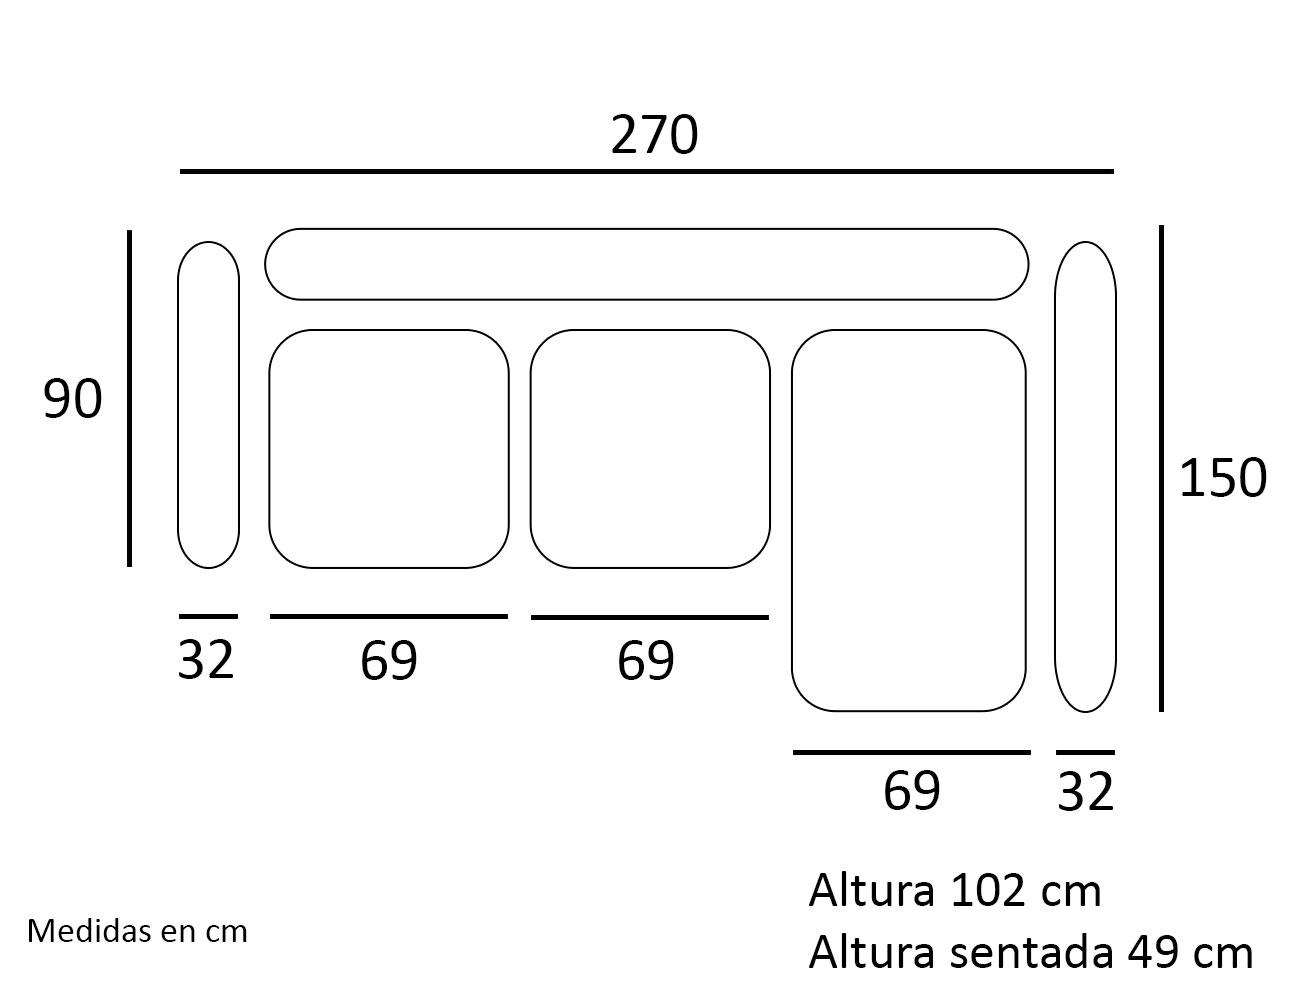 Croquis chaiselongue sofa derecho 27012